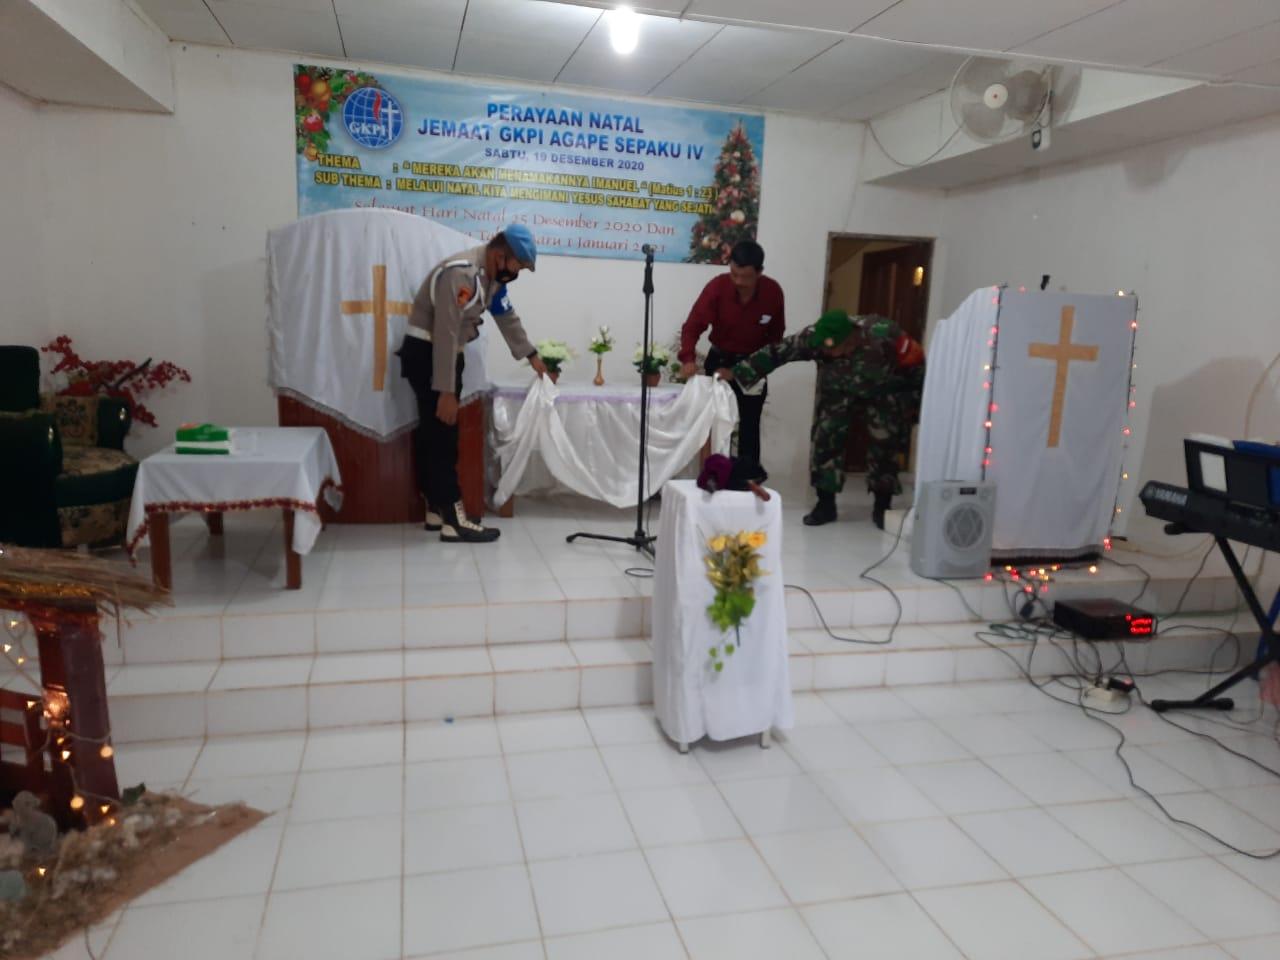 Babinsa dan Bhabinkamtibmas Sepaku Periksa Gereja GKPI Agape di Bumi Harapan